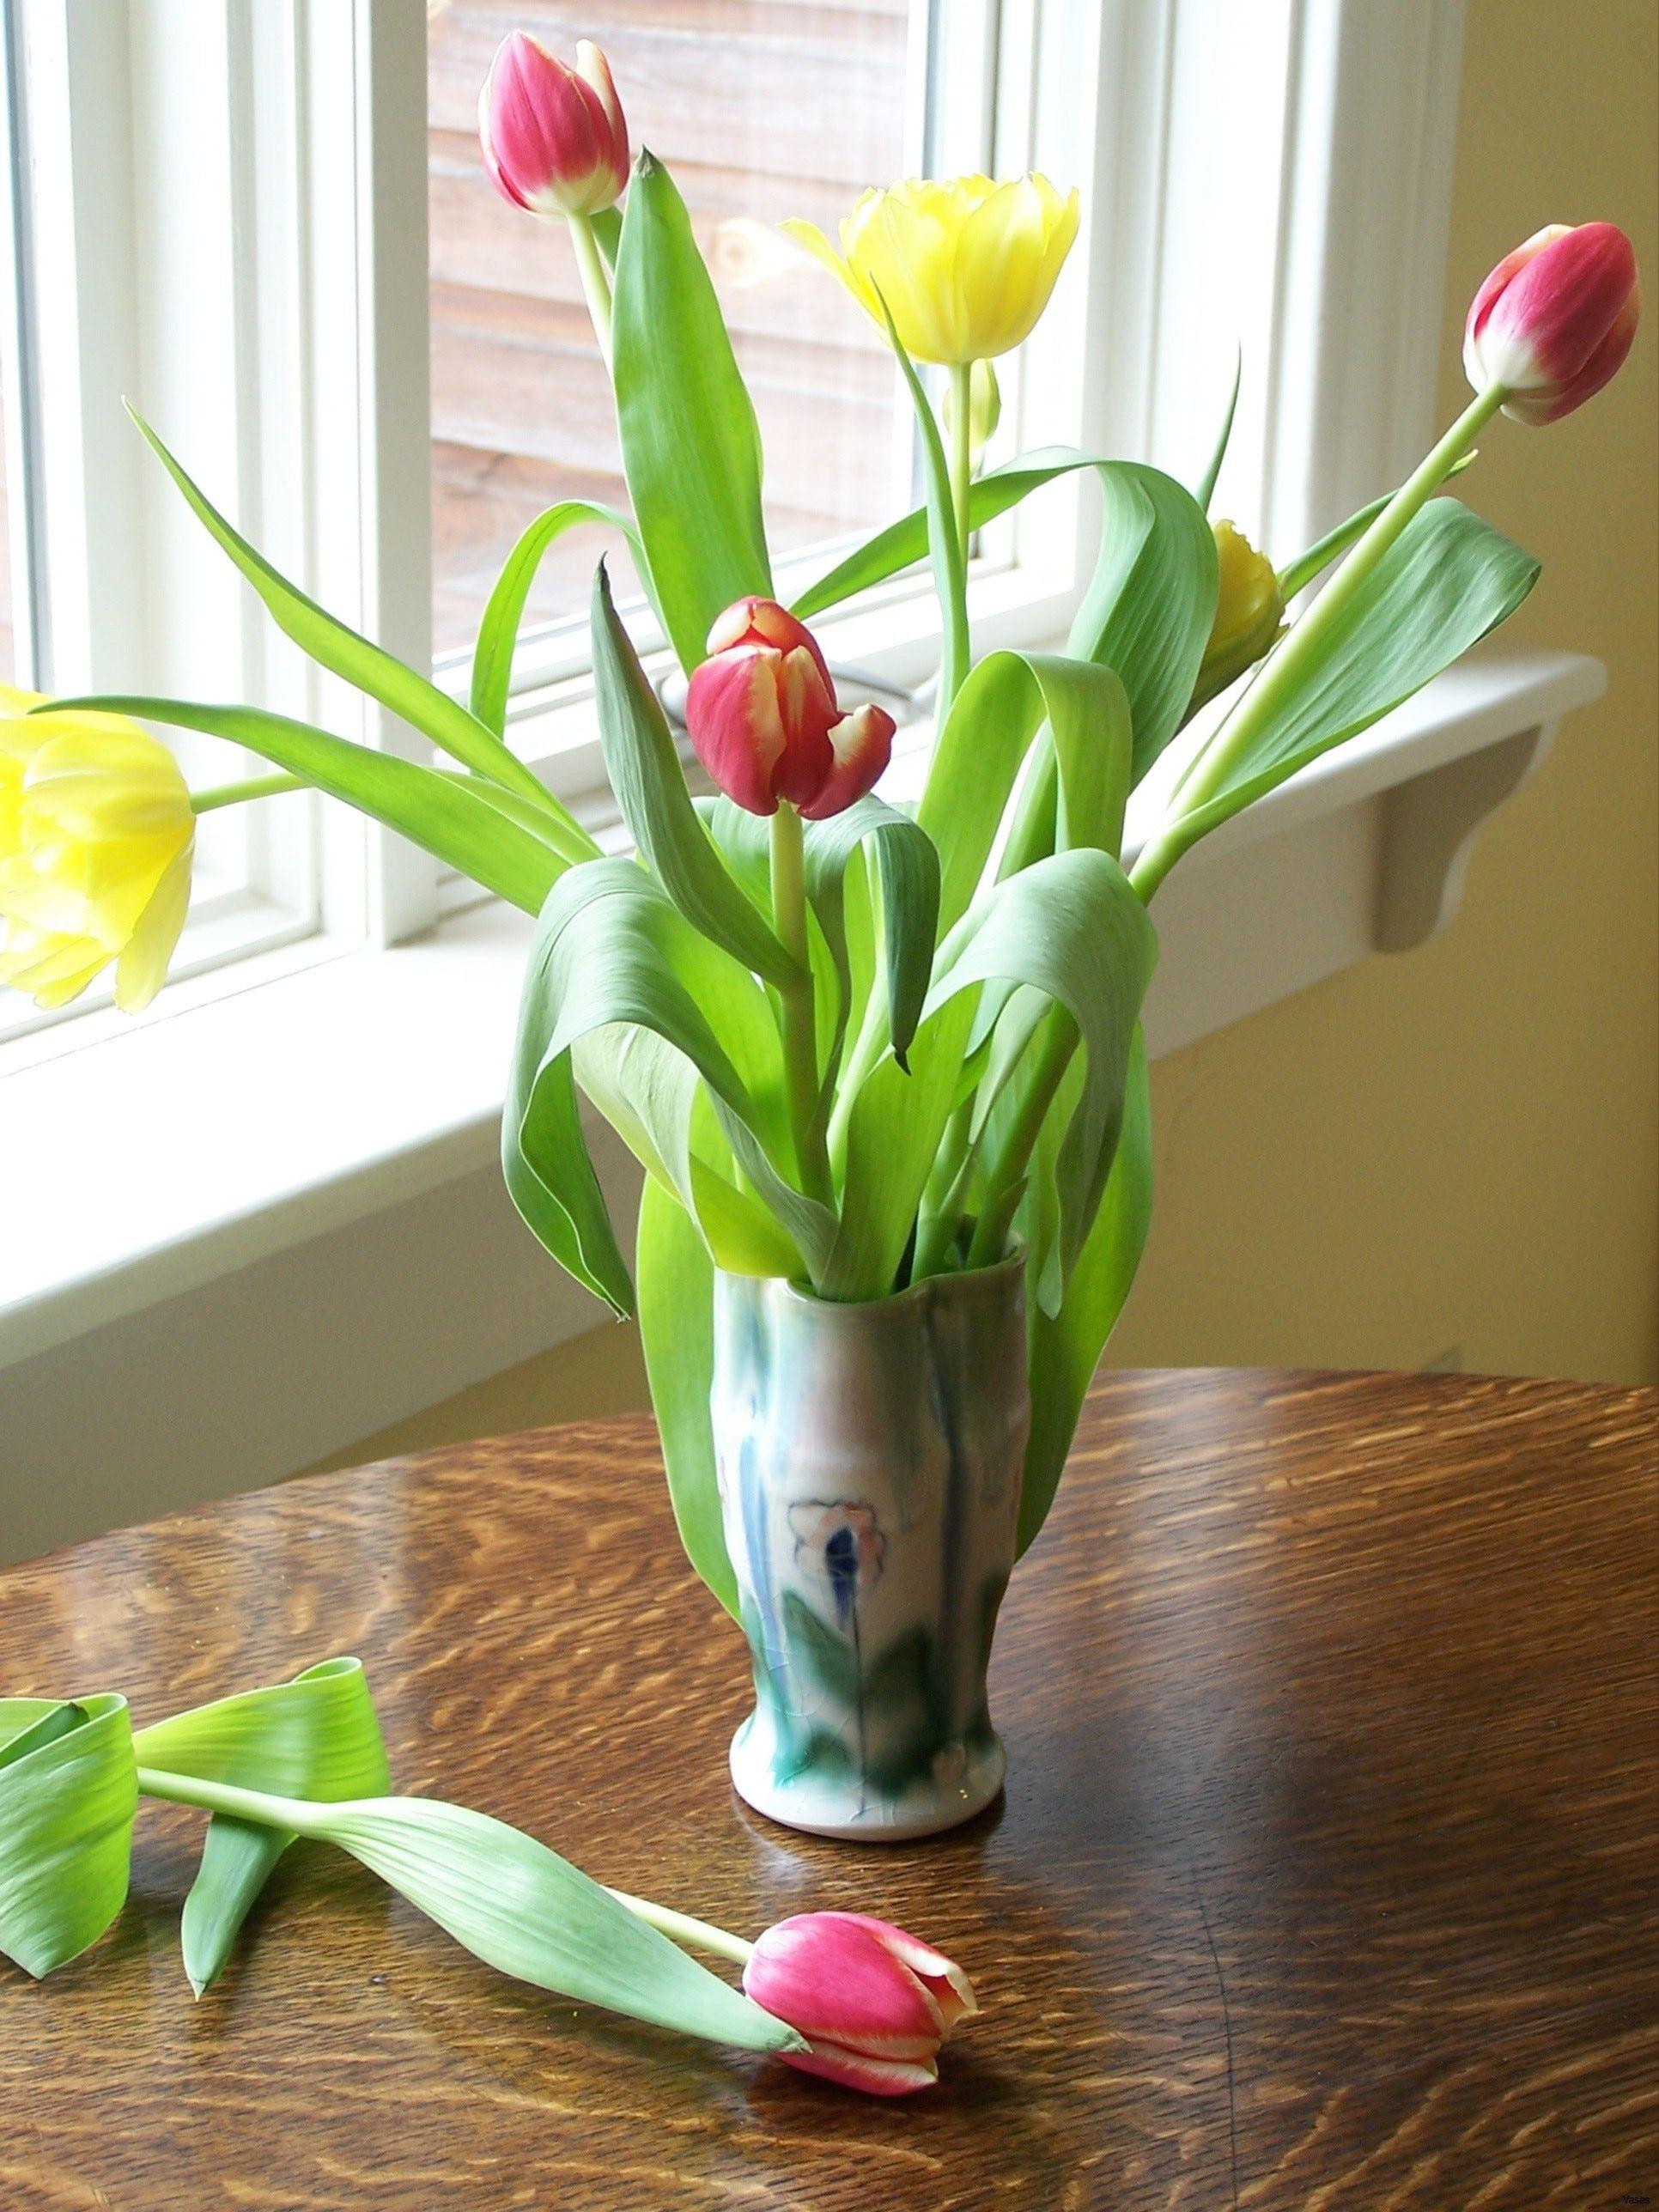 discount bud vases of single flower vase fresh il fullxfull l7e9h vases single flower vase pertaining to single flower vase fresh il fullxfull l7e9h vases single flower vase ideas zoomi 0d